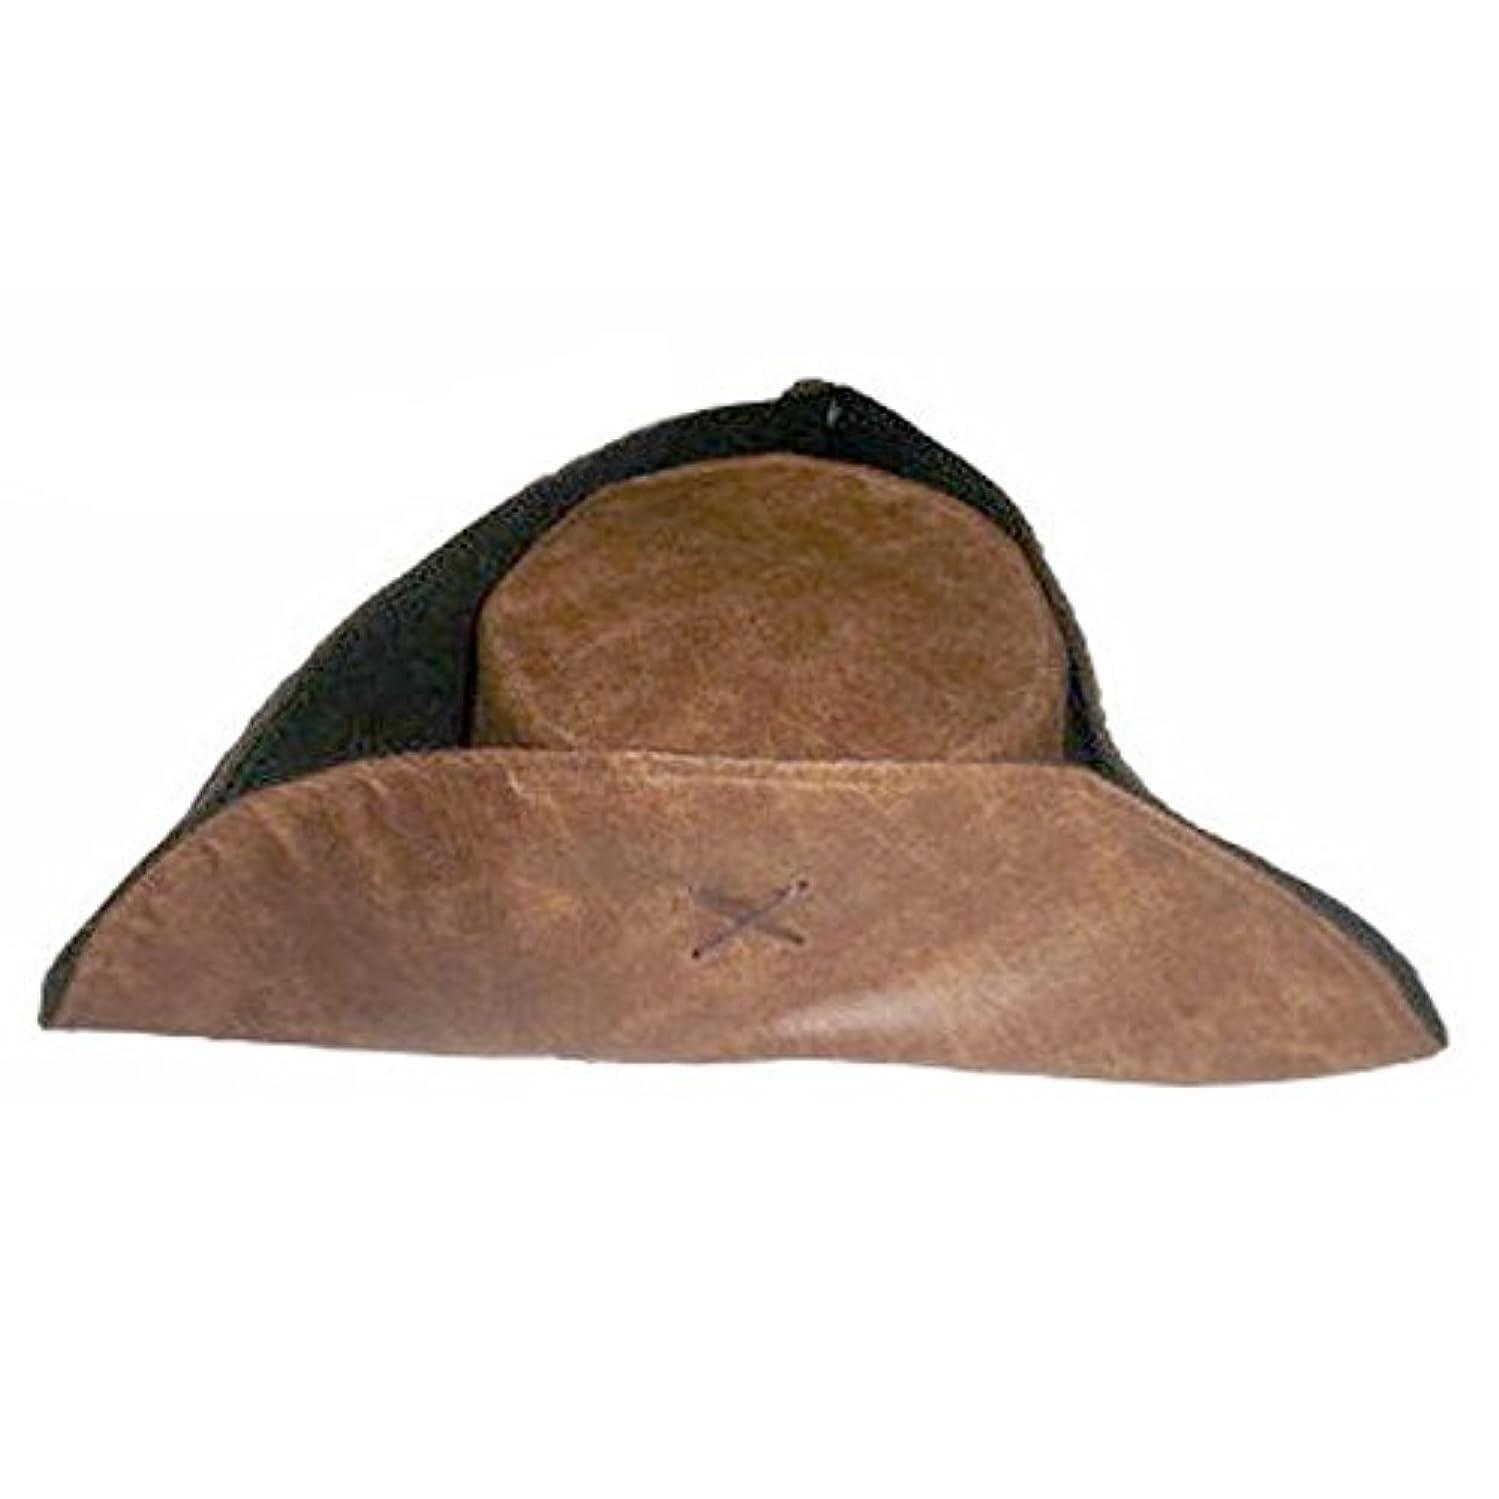 惑星防衛起きてmonoii 海賊 コスプレ 帽子 パイレーツ ハロウィン コスチューム ハット キャプテン 衣装 帽子 c097